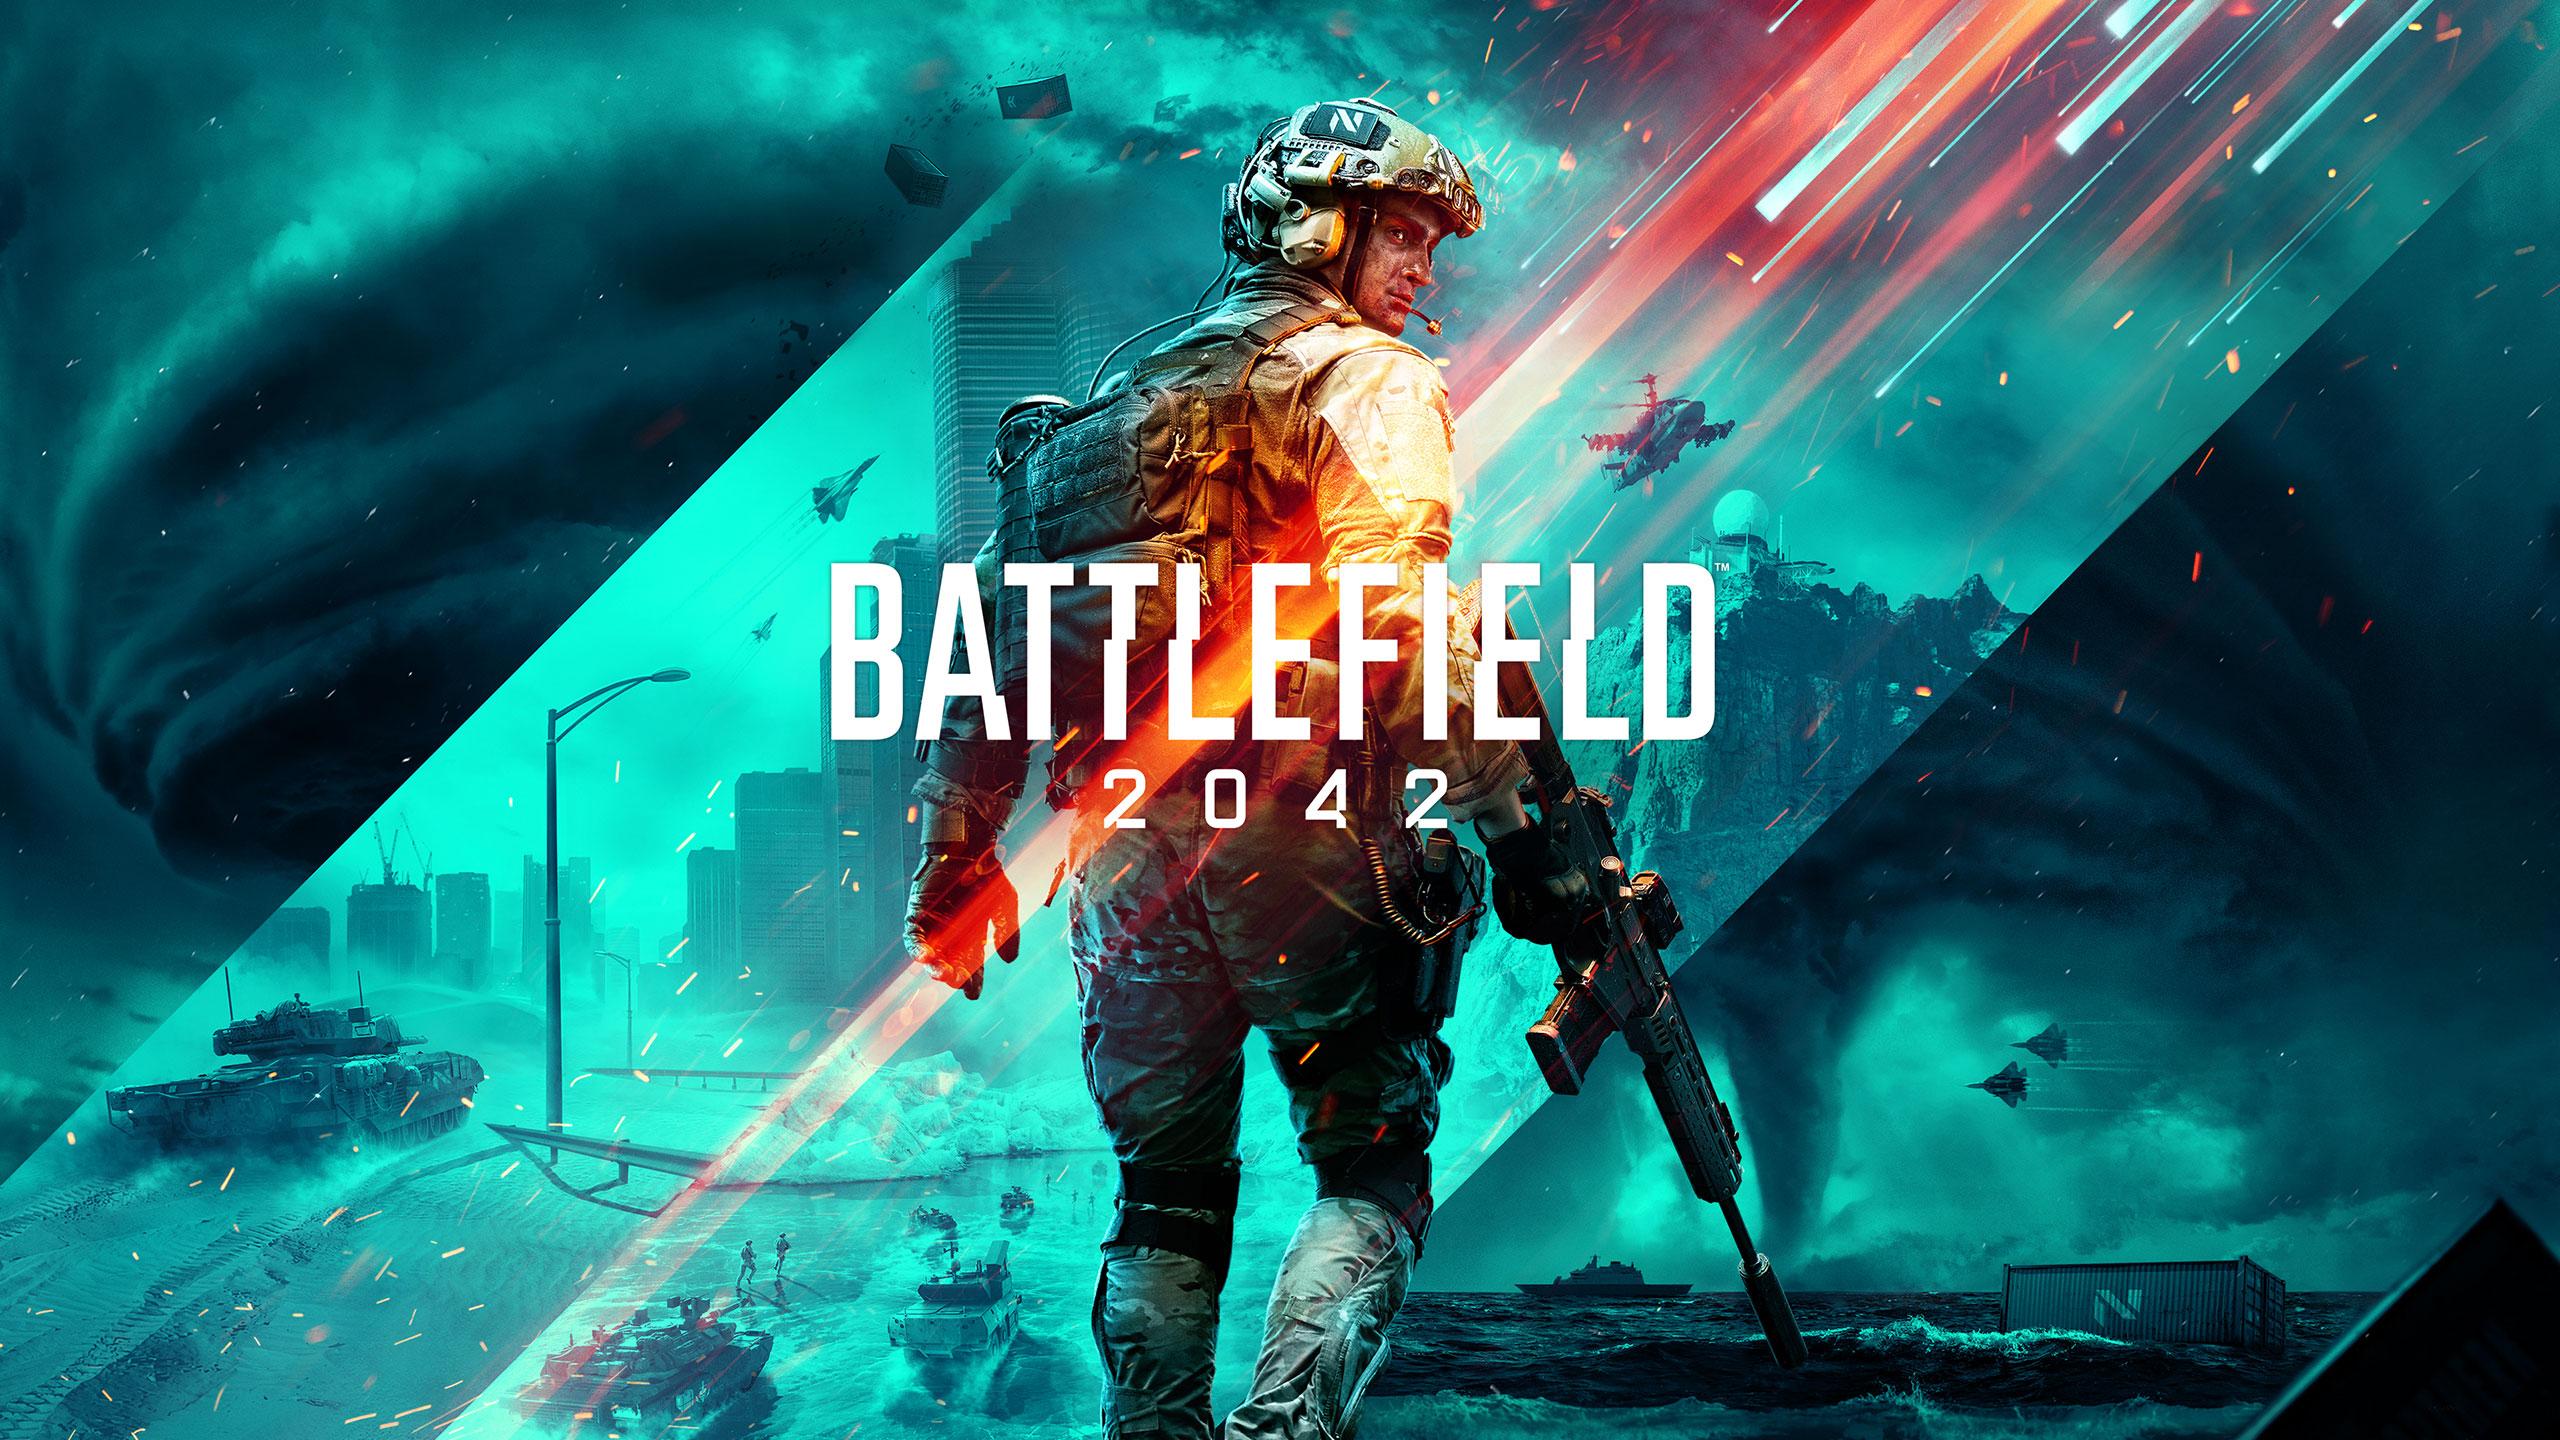 Battlefield 2042 Oyunu Çıkış Tarihi 19 Kasım'da